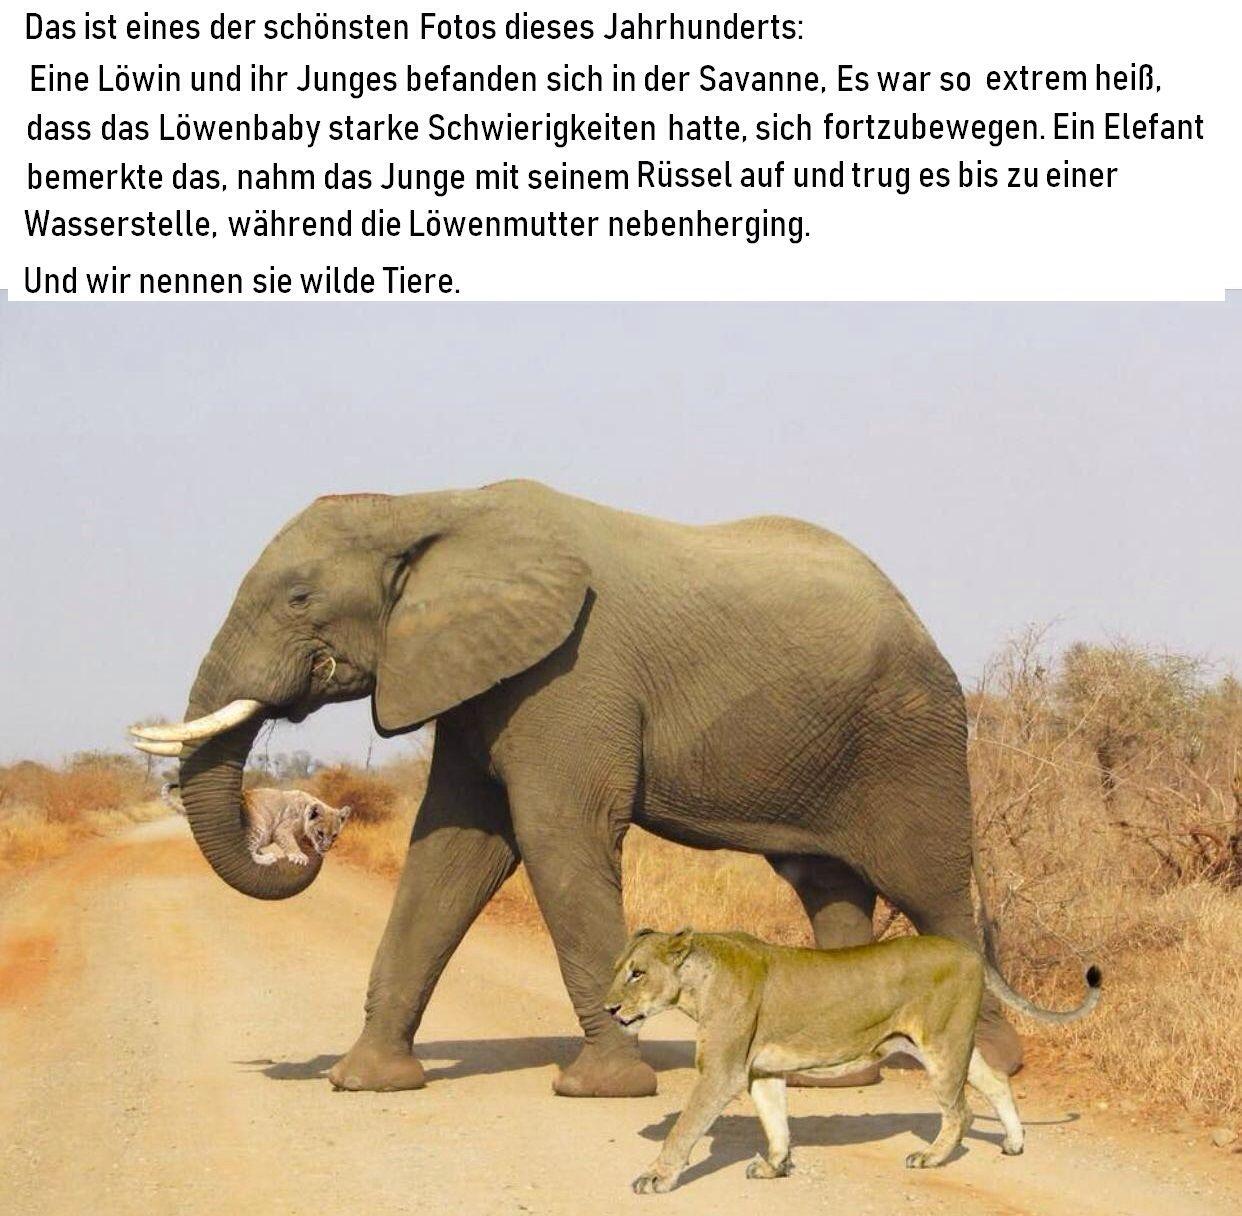 Einer der schönsten Fotos diesen Jahrhunderts: Eine Löwin und ihr Junges bekommen Hilfe von einem Elefanten.